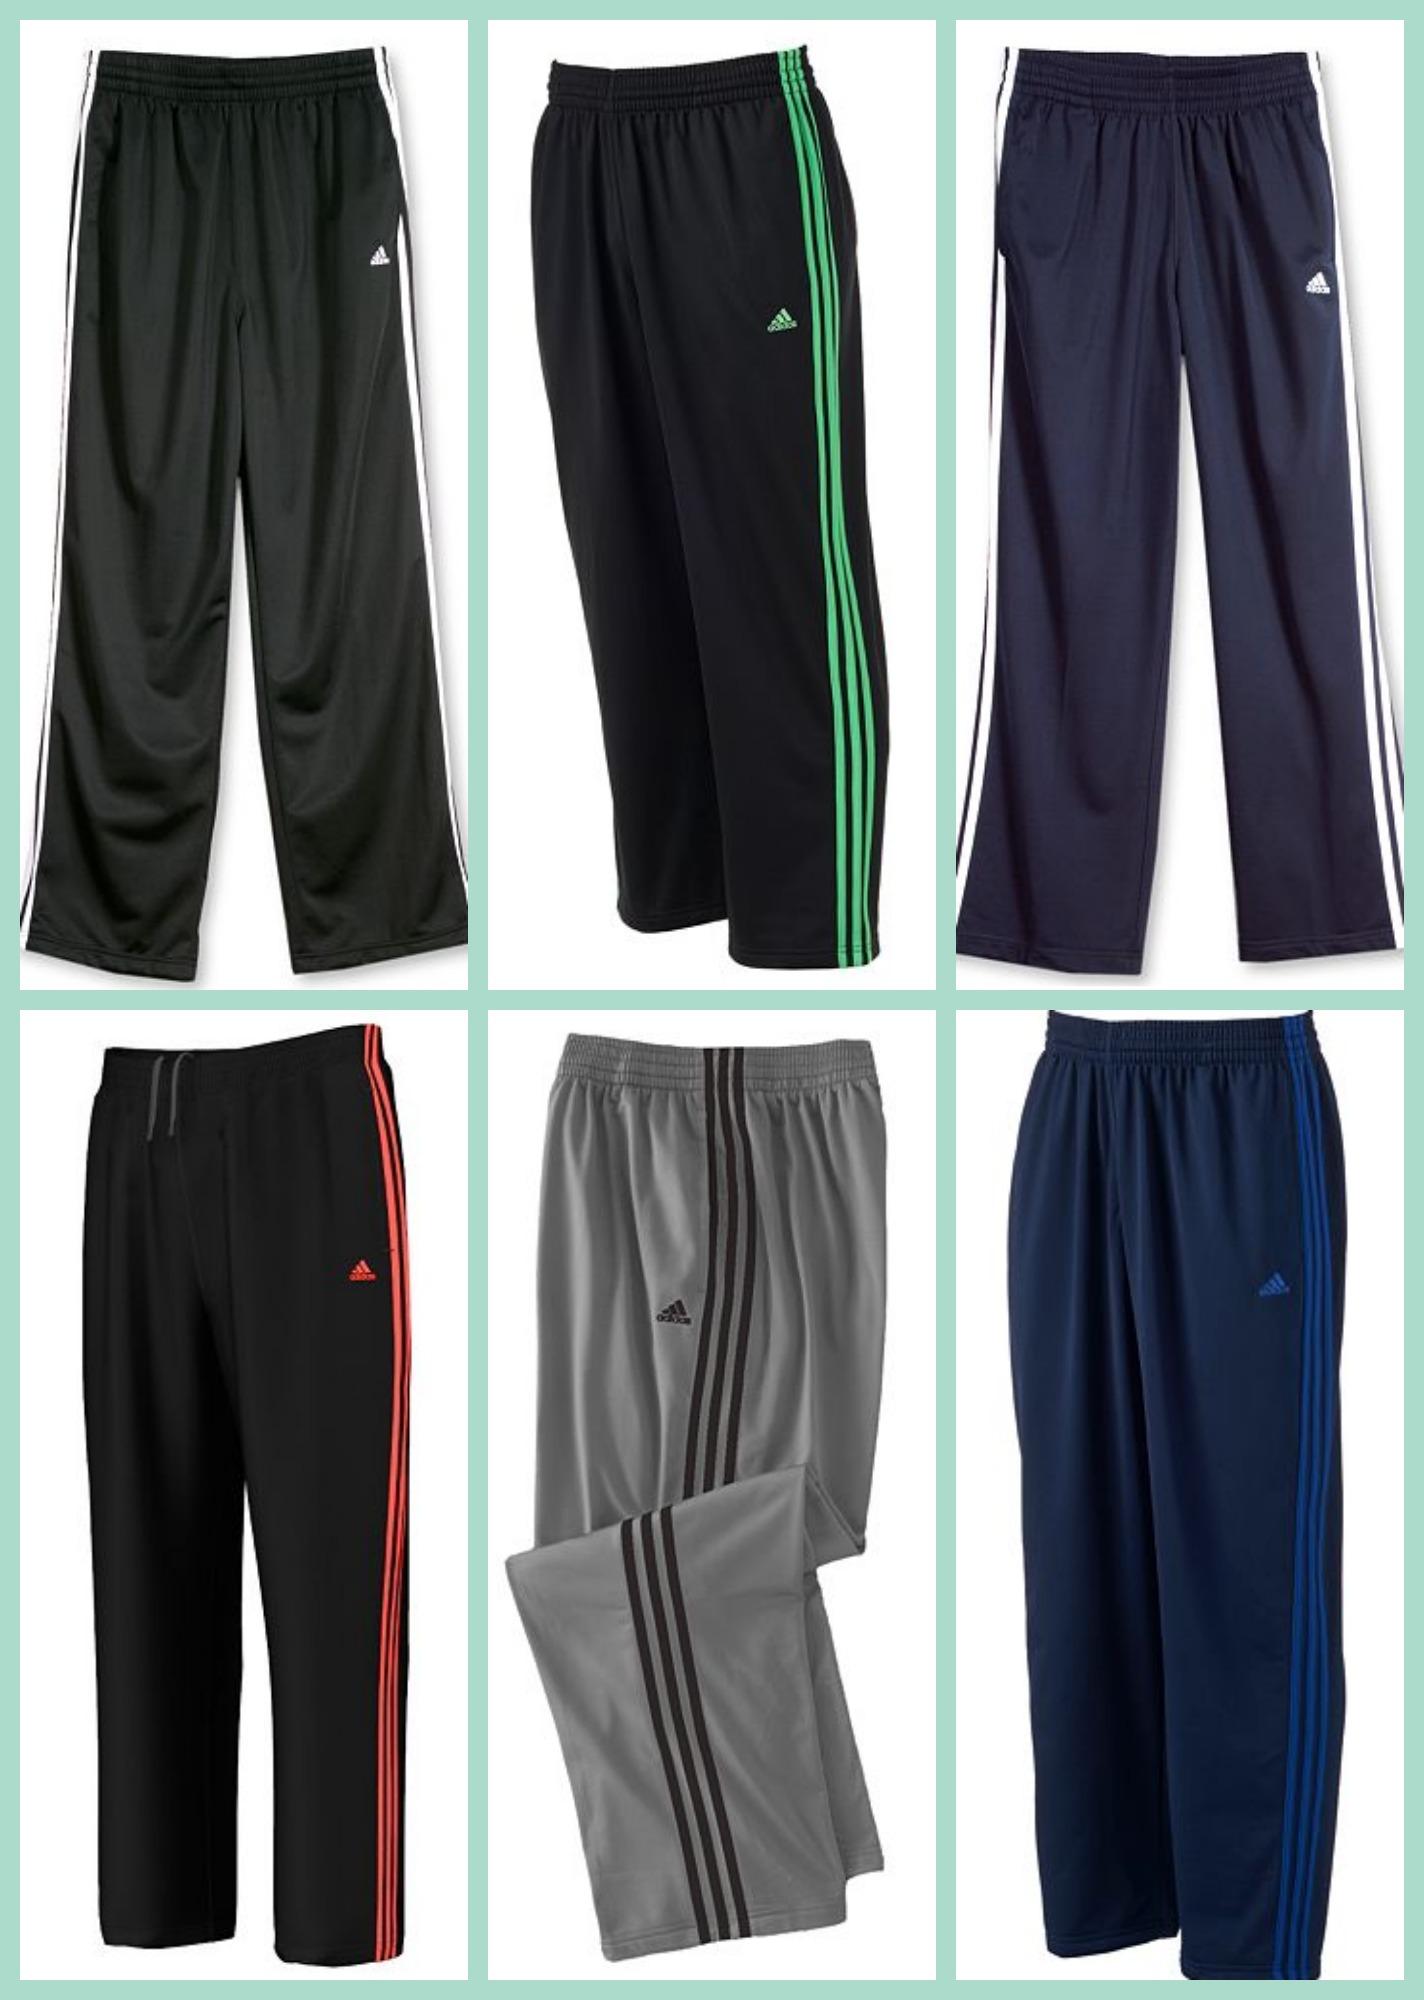 adidas shorts kohls